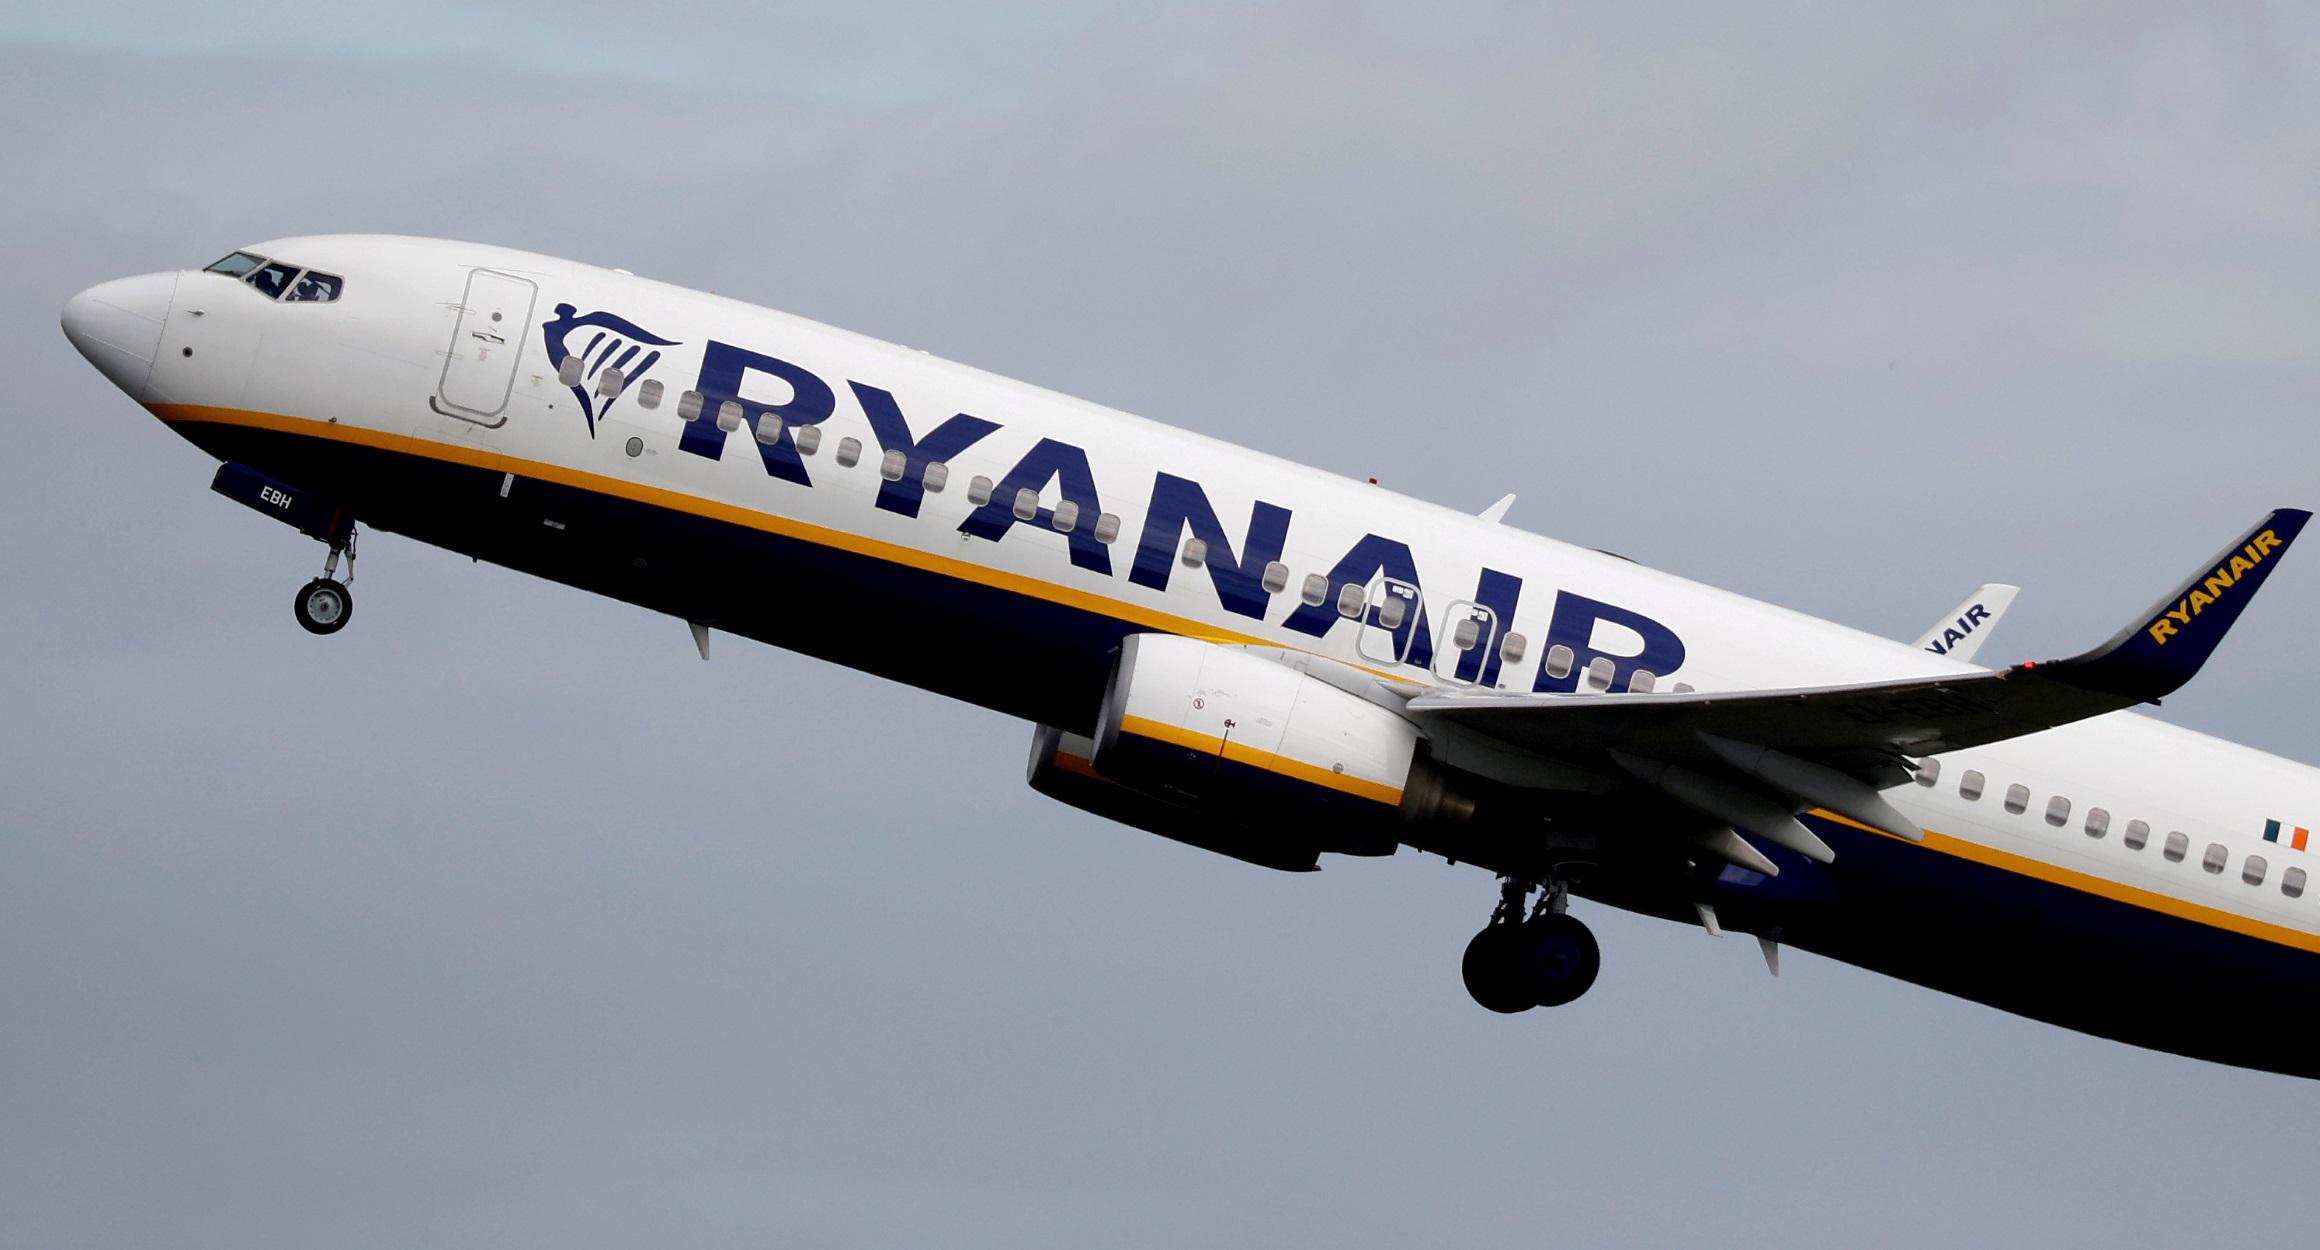 Σάλος στην Ευρώπη με την «απαγωγή» αεροπλάνου που κατευθυνόταν από την Αθήνα στη Λιθουανία